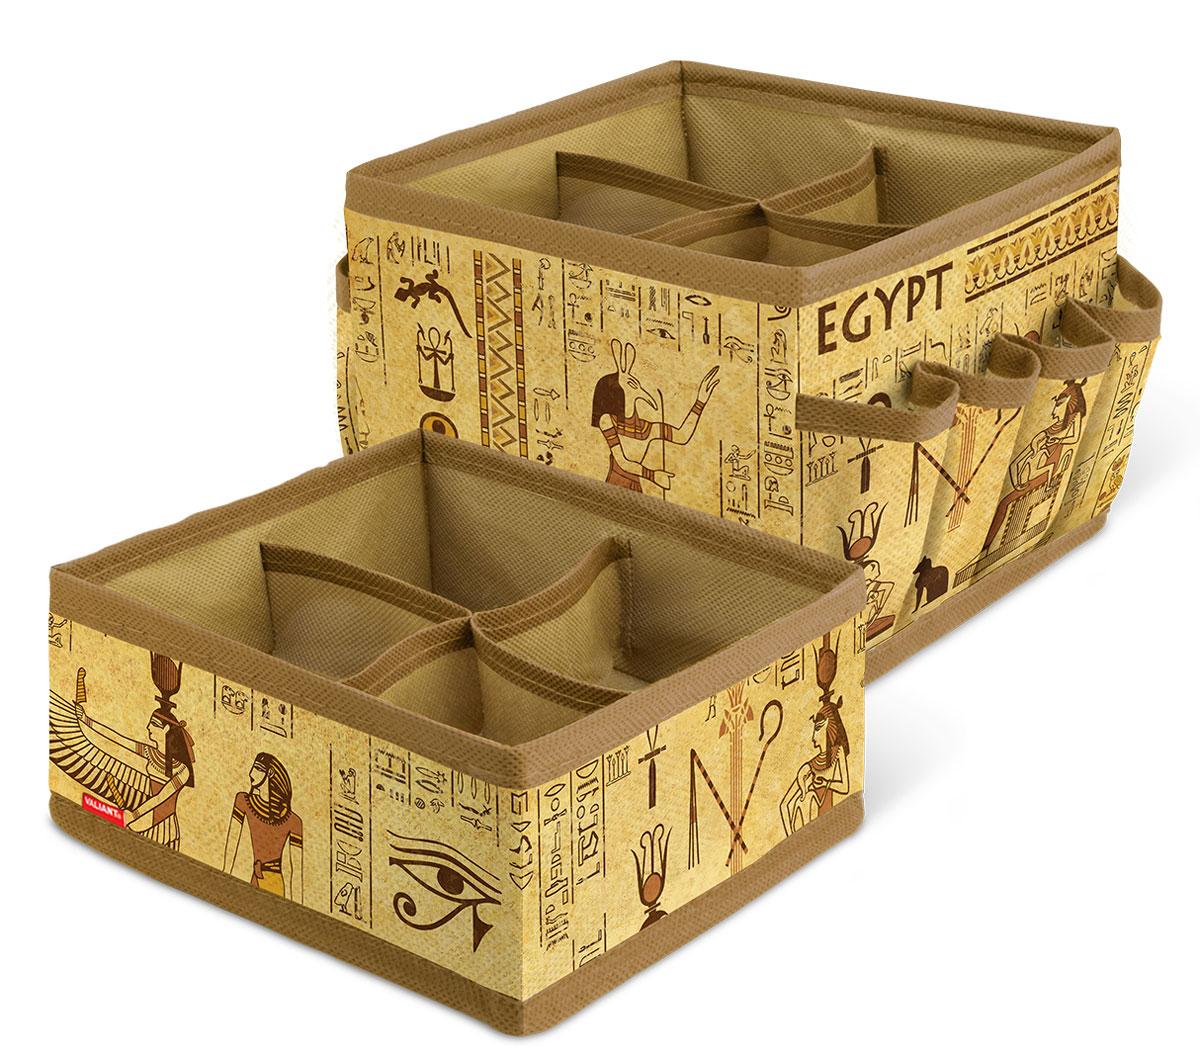 Набор органайзеров для косметики и аксессуаров Valiant Egypt, 2 штEG-S4S4Набор Valiant Egypt состоит из двух органайзеров для хранения косметики и аксессуаров. Изделия выполнены из высококачественного нетканого материала (спанбонда), который обеспечивает естественную вентиляцию, позволяя воздуху проникать внутрь, но не пропускает пыль. Вставки из плотного картона хорошо держат форму. Мягкие перегородки образуют четыре секции для хранения разнообразной косметики. Наружные кармашки позволяют удобно хранить мелкие аксессуары. Изделия отличаются мобильностью: легко раскладываются и складываются. Набор органайзеров для косметики и аксессуаров Valiant Egypt поможет привести элементы женского туалета в порядок. Оригинальный дизайн придется по вкусу ценительницам эстетичного хранения. Размер органайзеров: 15 см х 15 см х 12 см; 15 см х 15 см х 7 см.